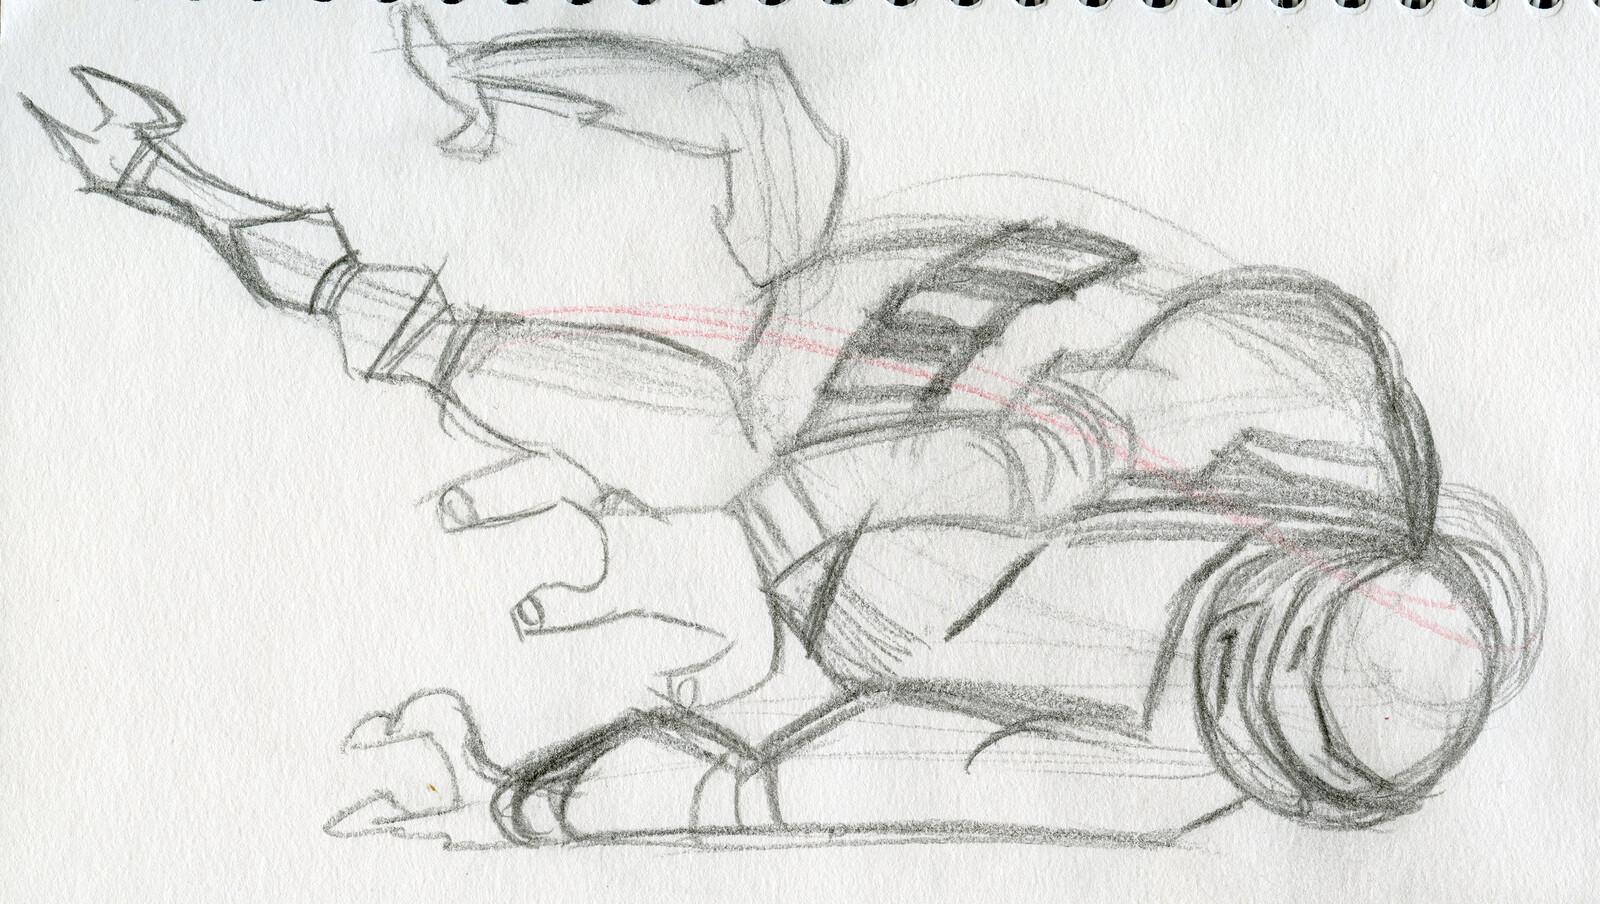 TMNT Practice Drawings